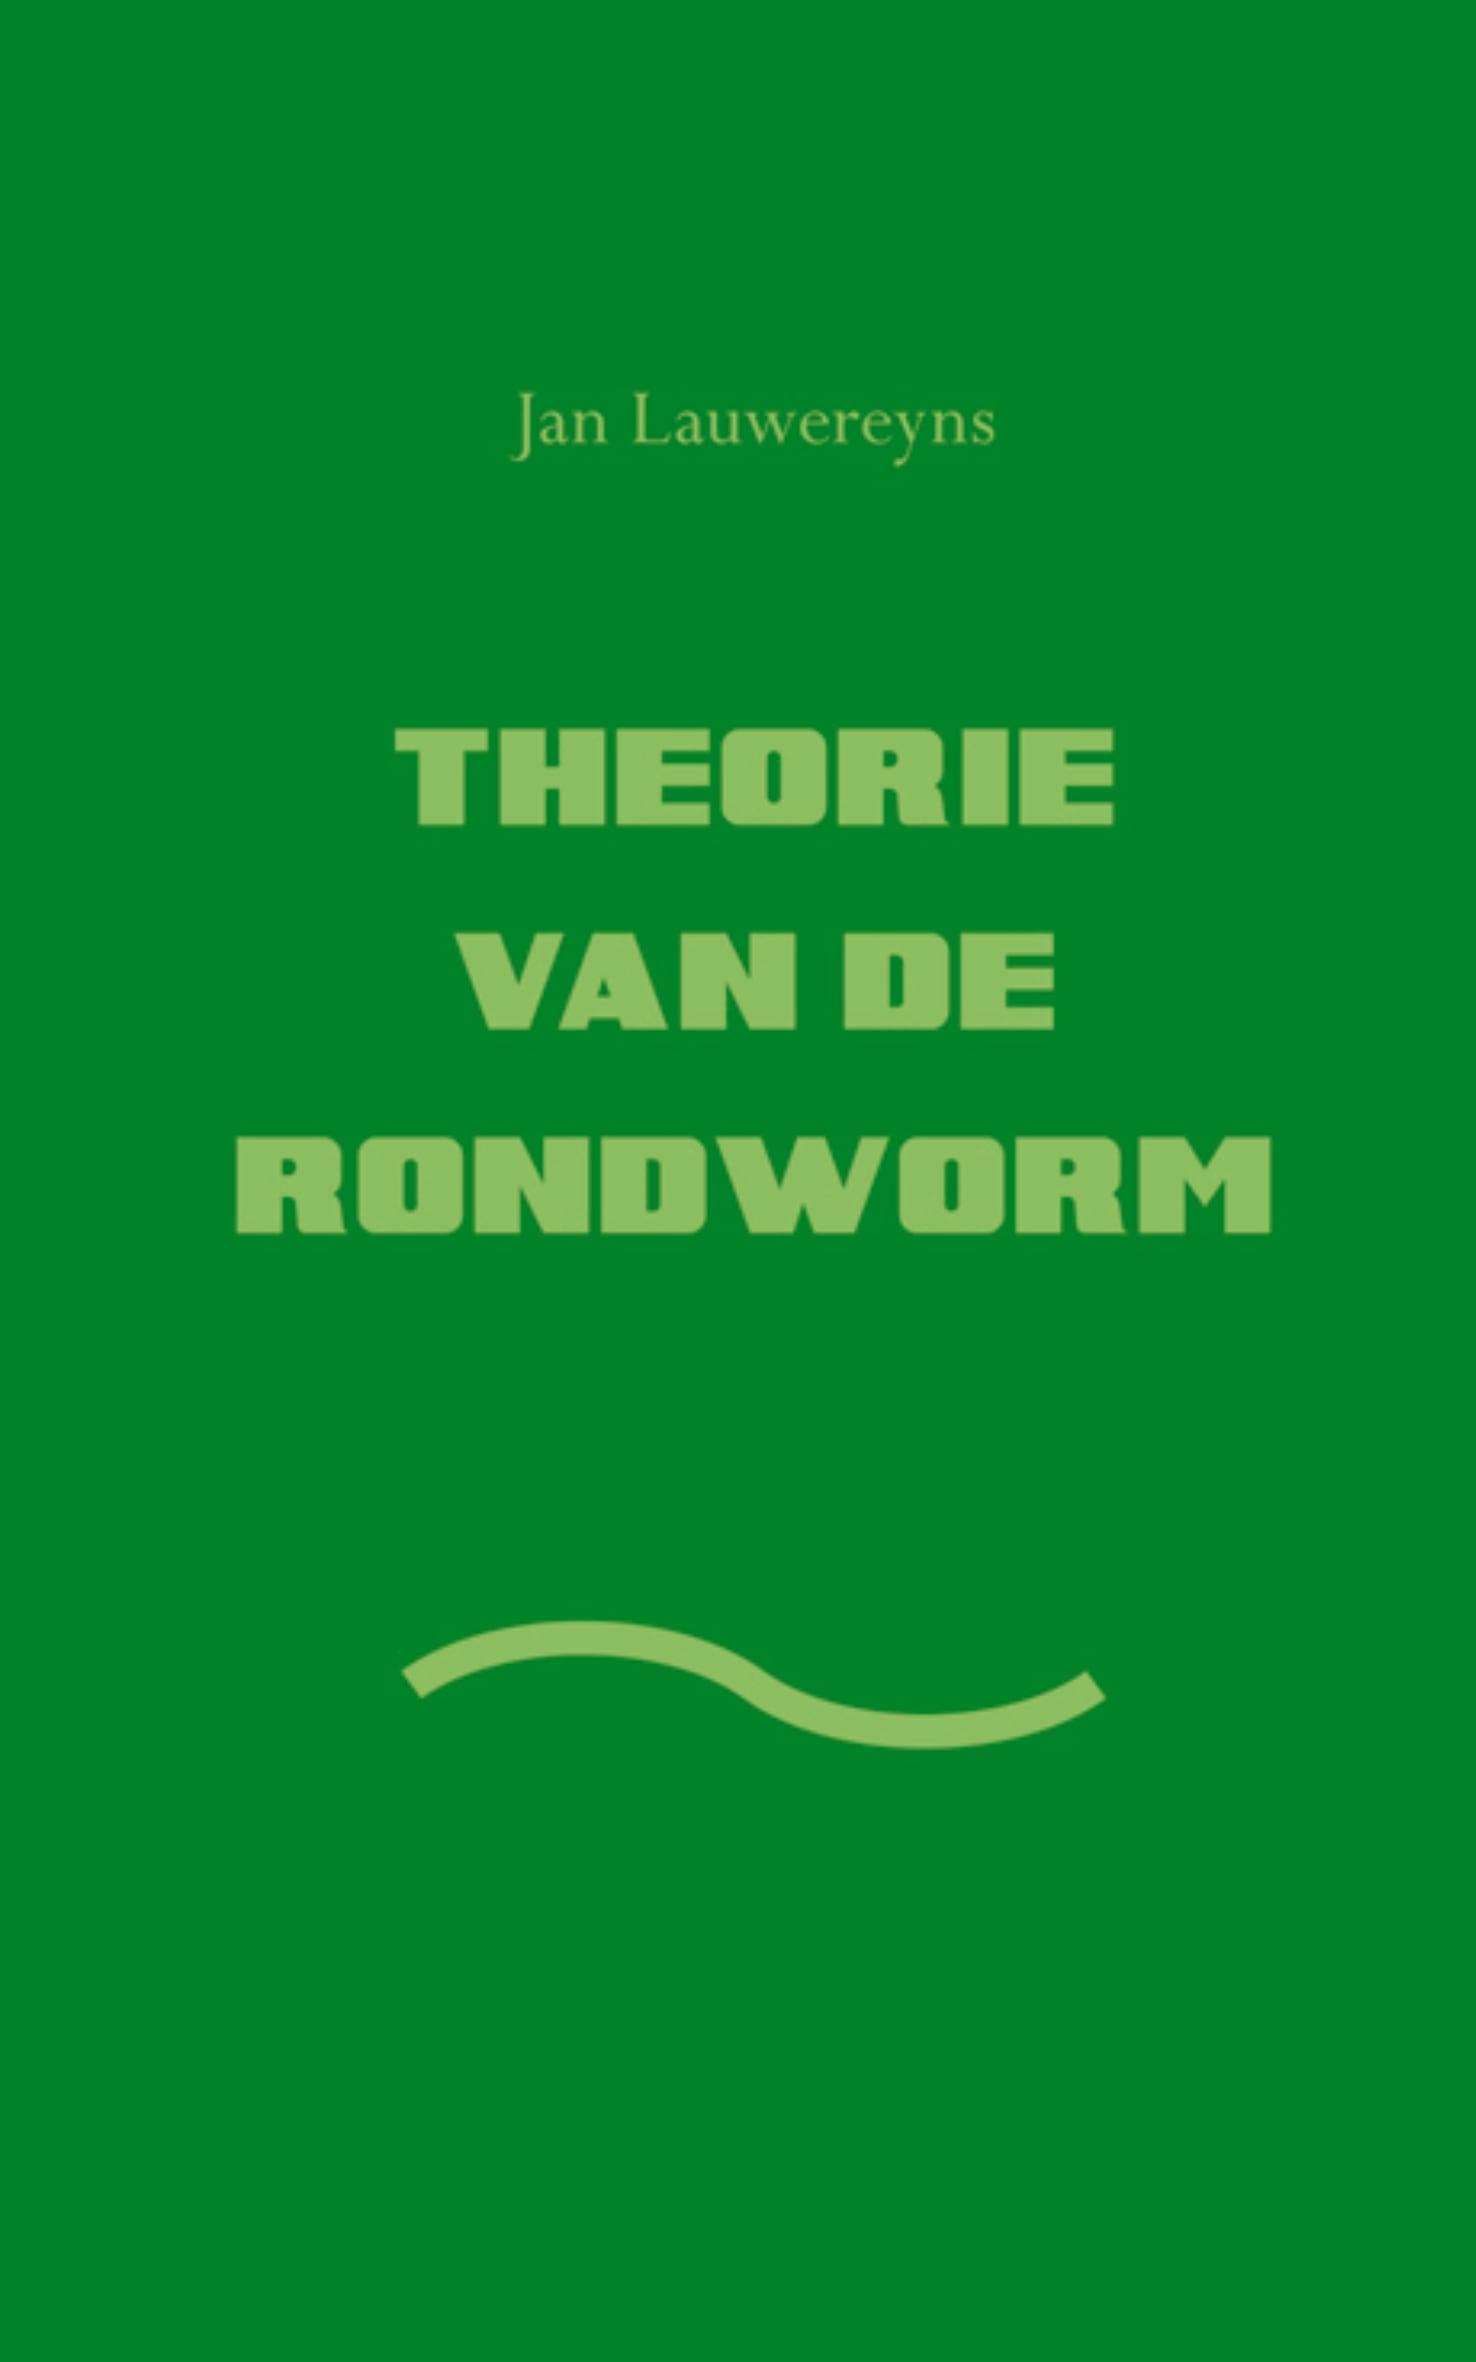 Theorie van de rondworm – Jan Lauwereyns